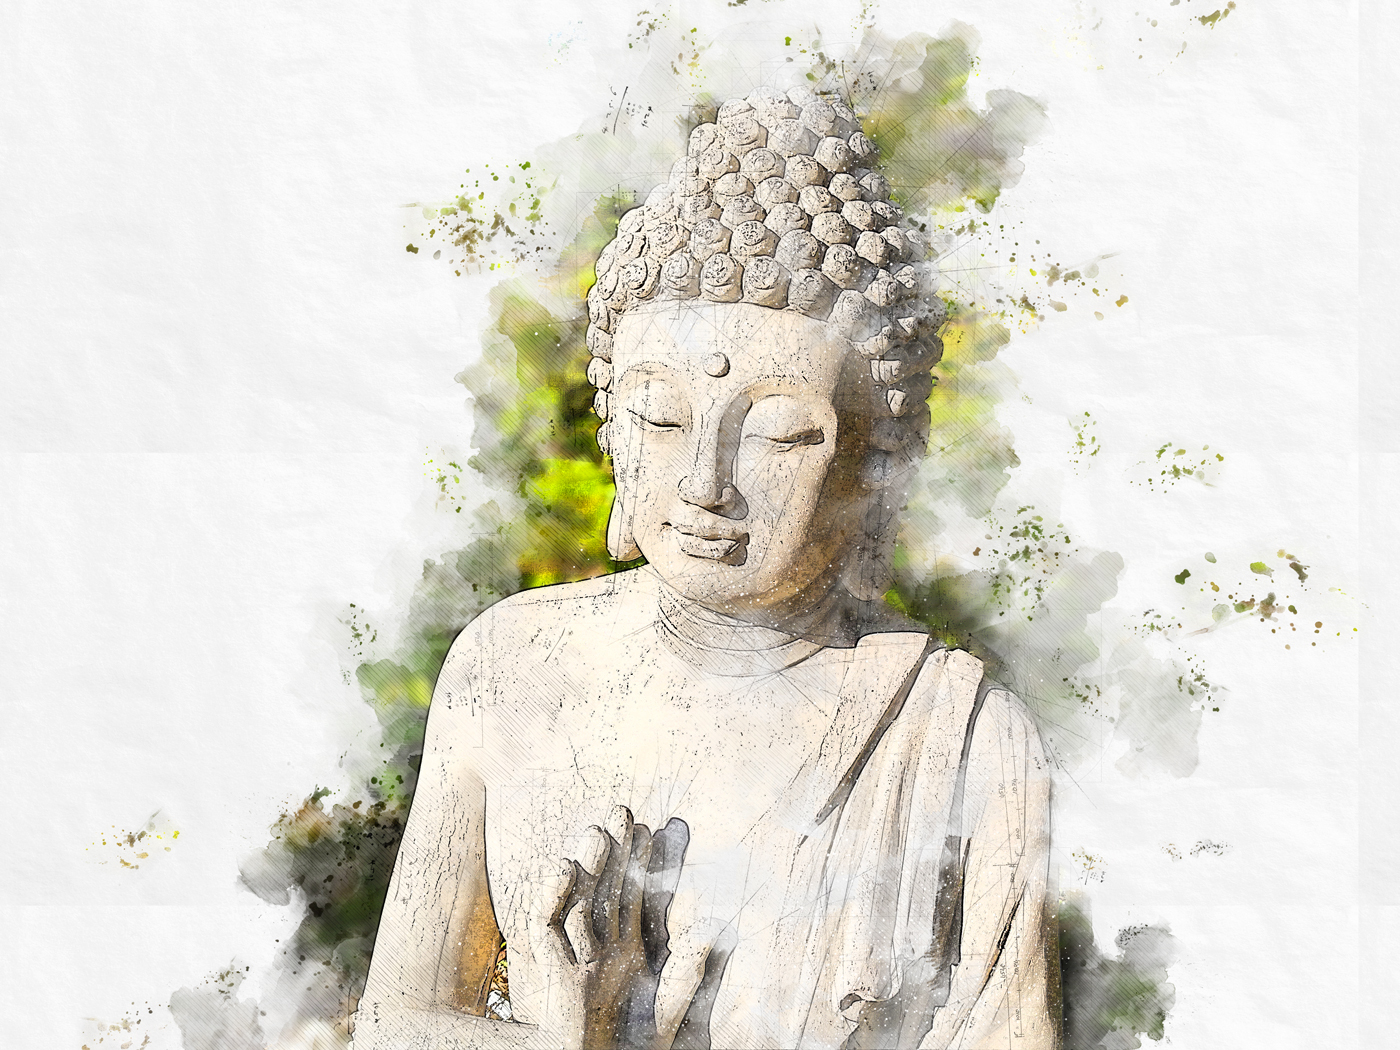 buddha-arquitectura-3x2-front